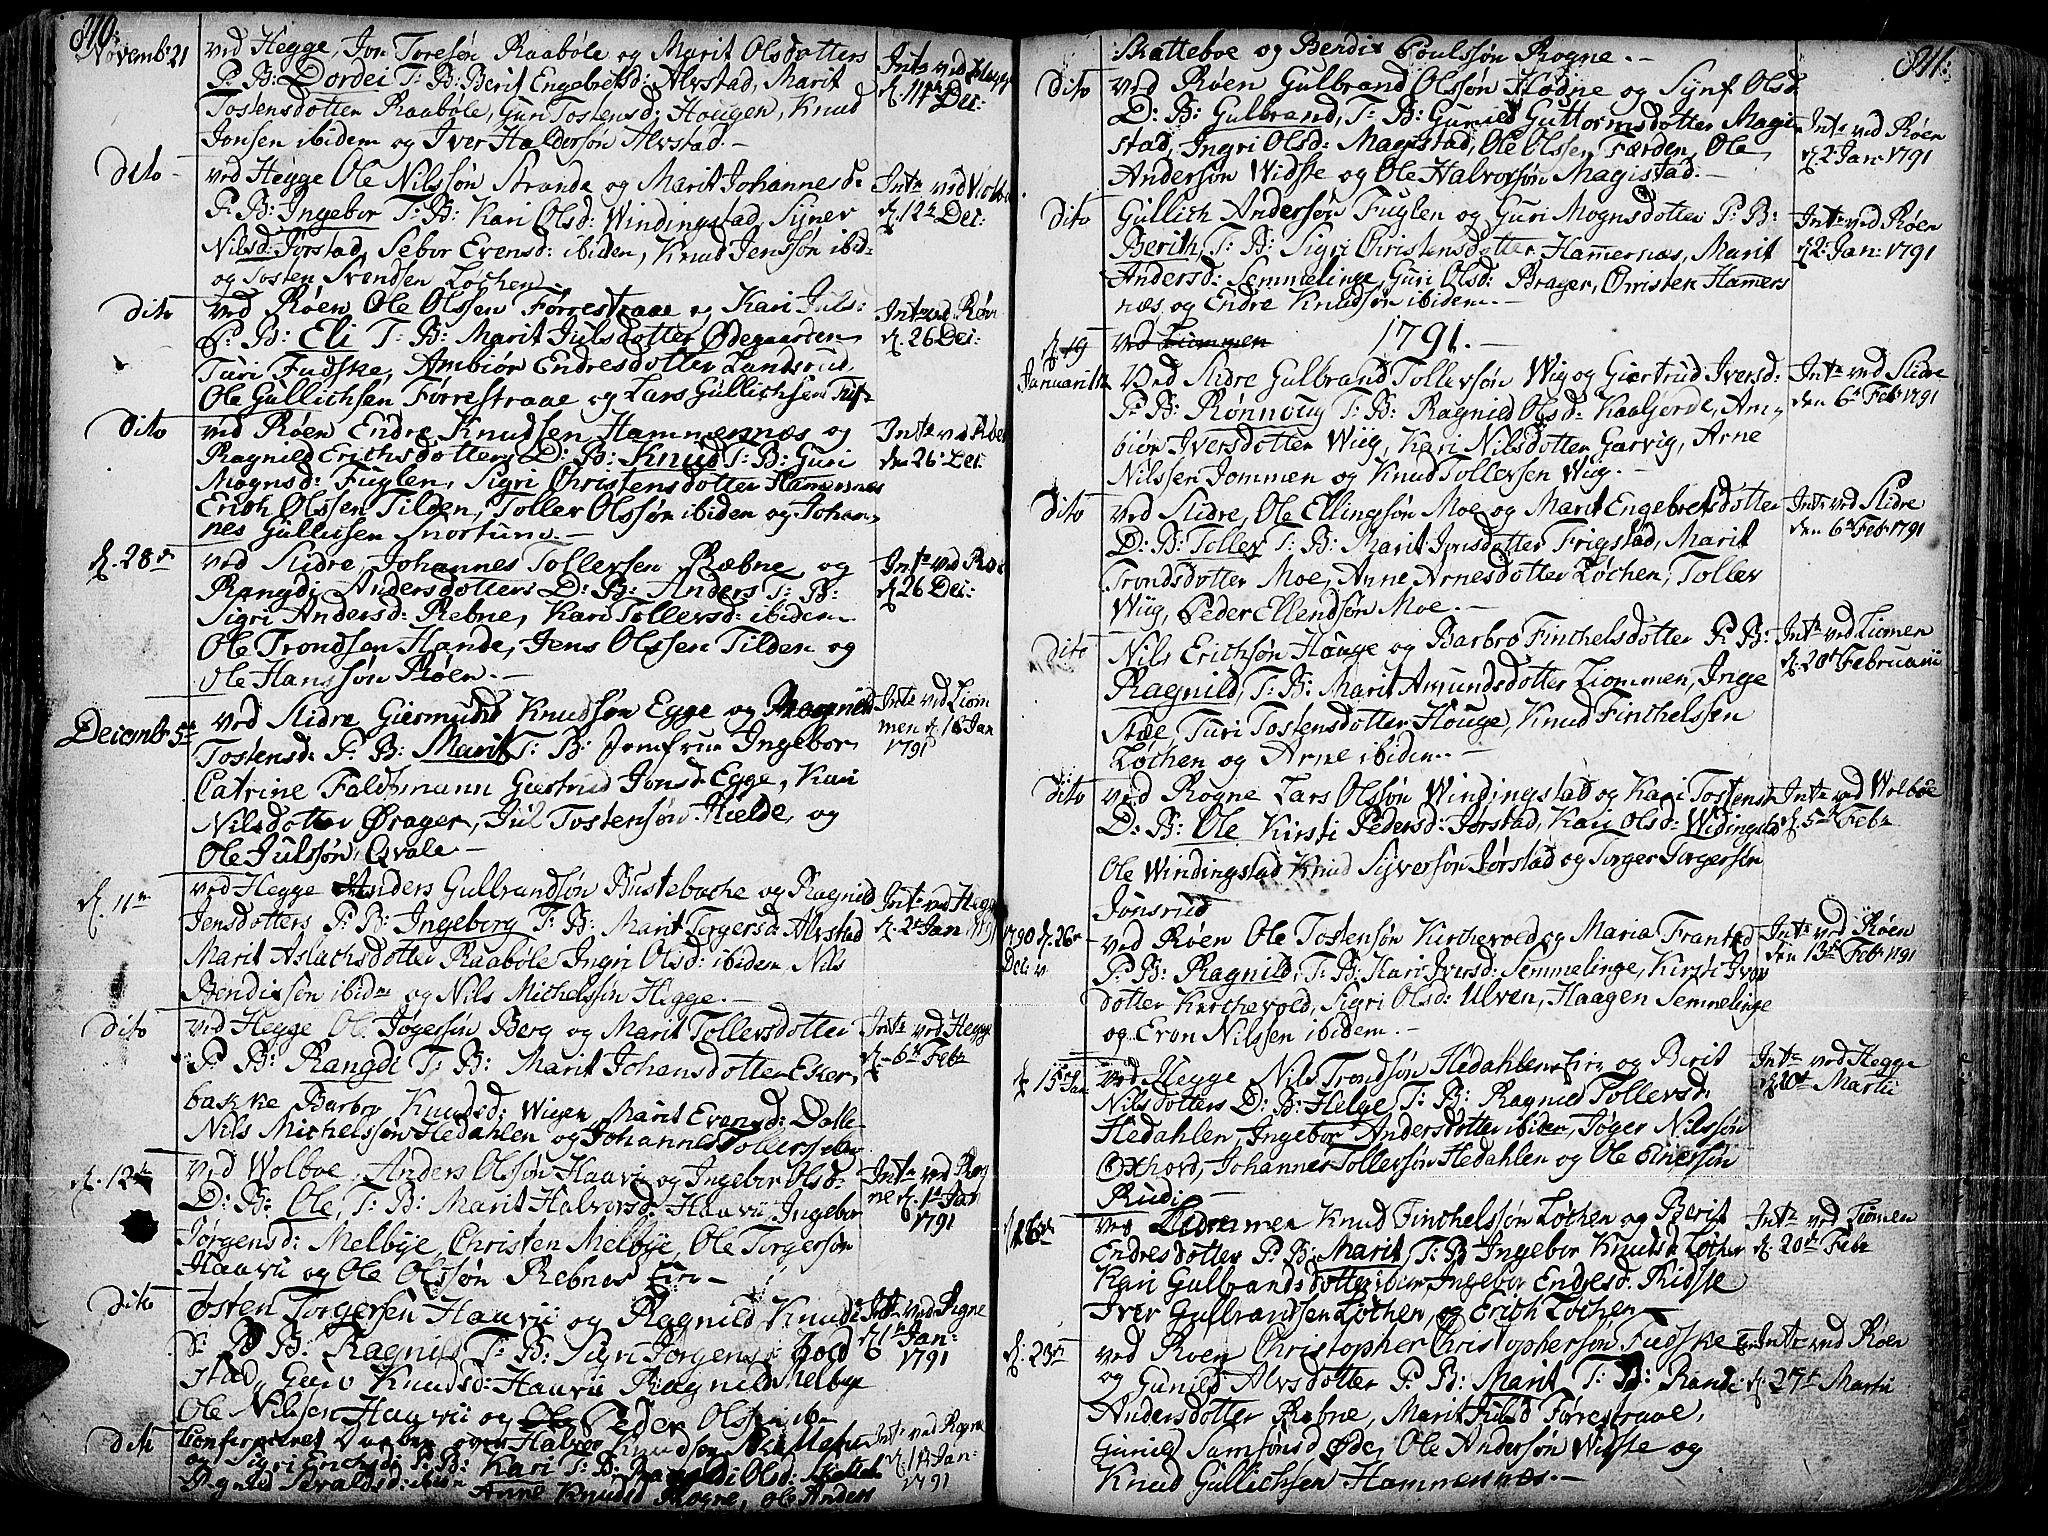 SAH, Slidre prestekontor, Ministerialbok nr. 1, 1724-1814, s. 810-811